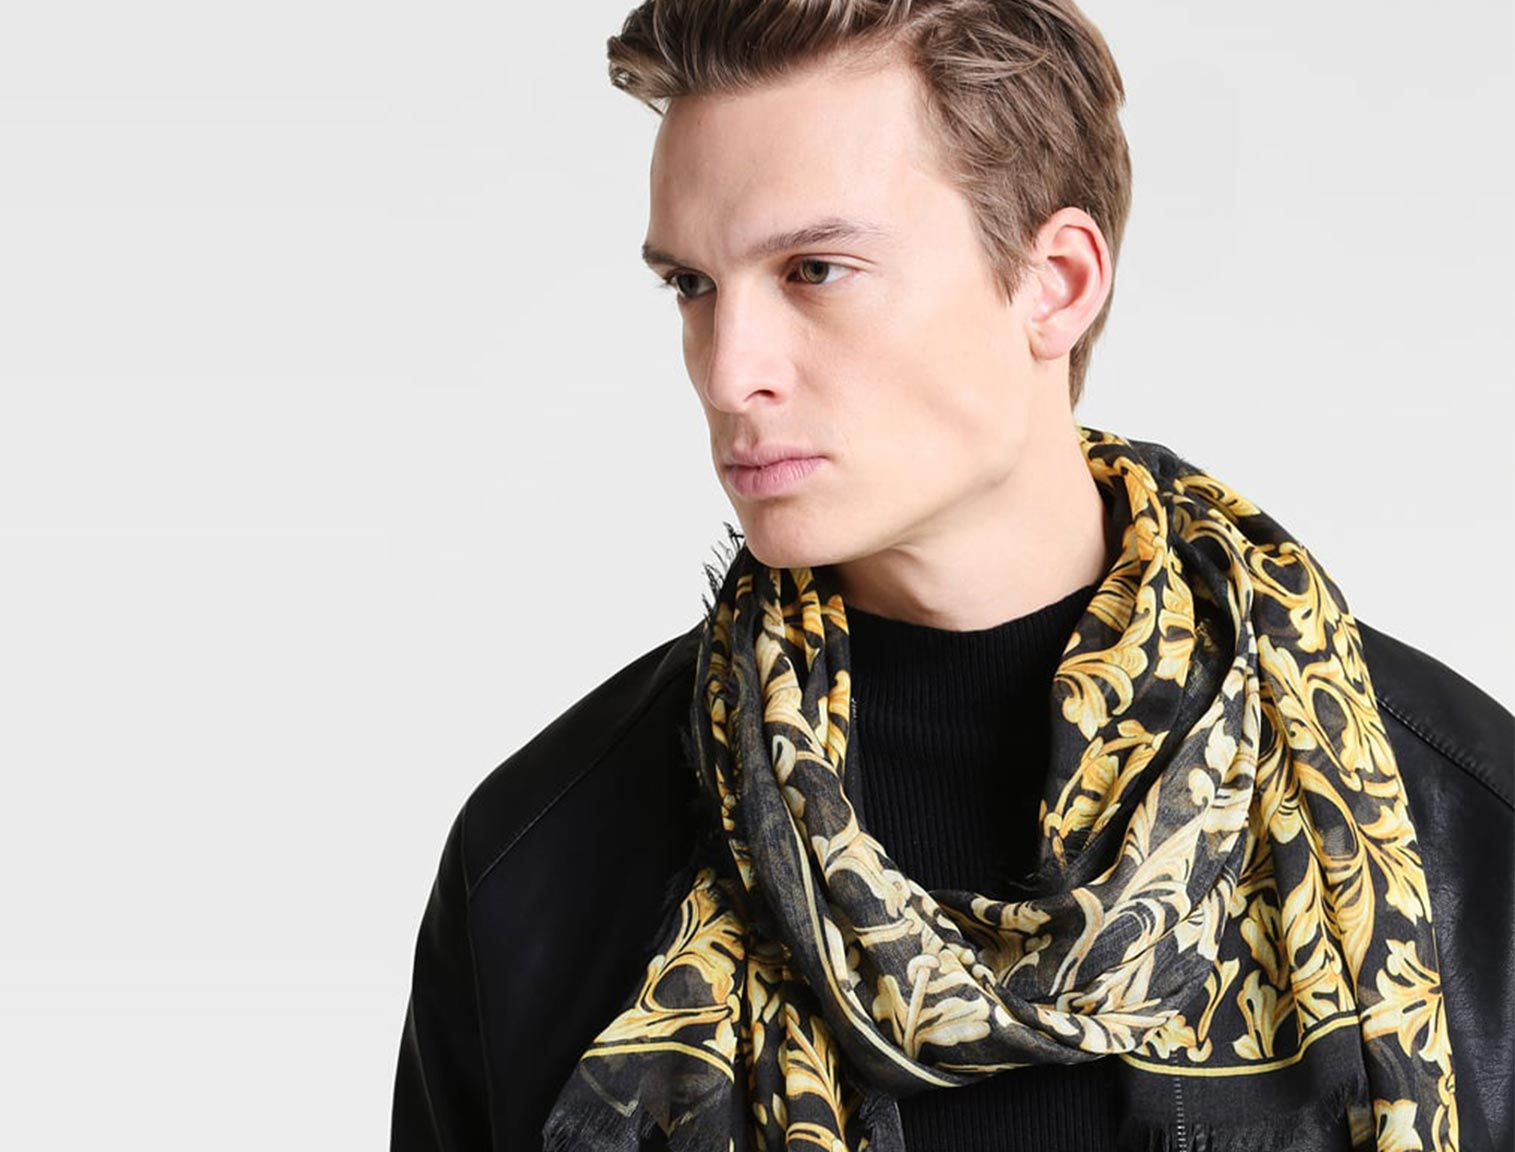 talla 7 materiales superiores clientes primero Pañuelos de seda online en Zalando